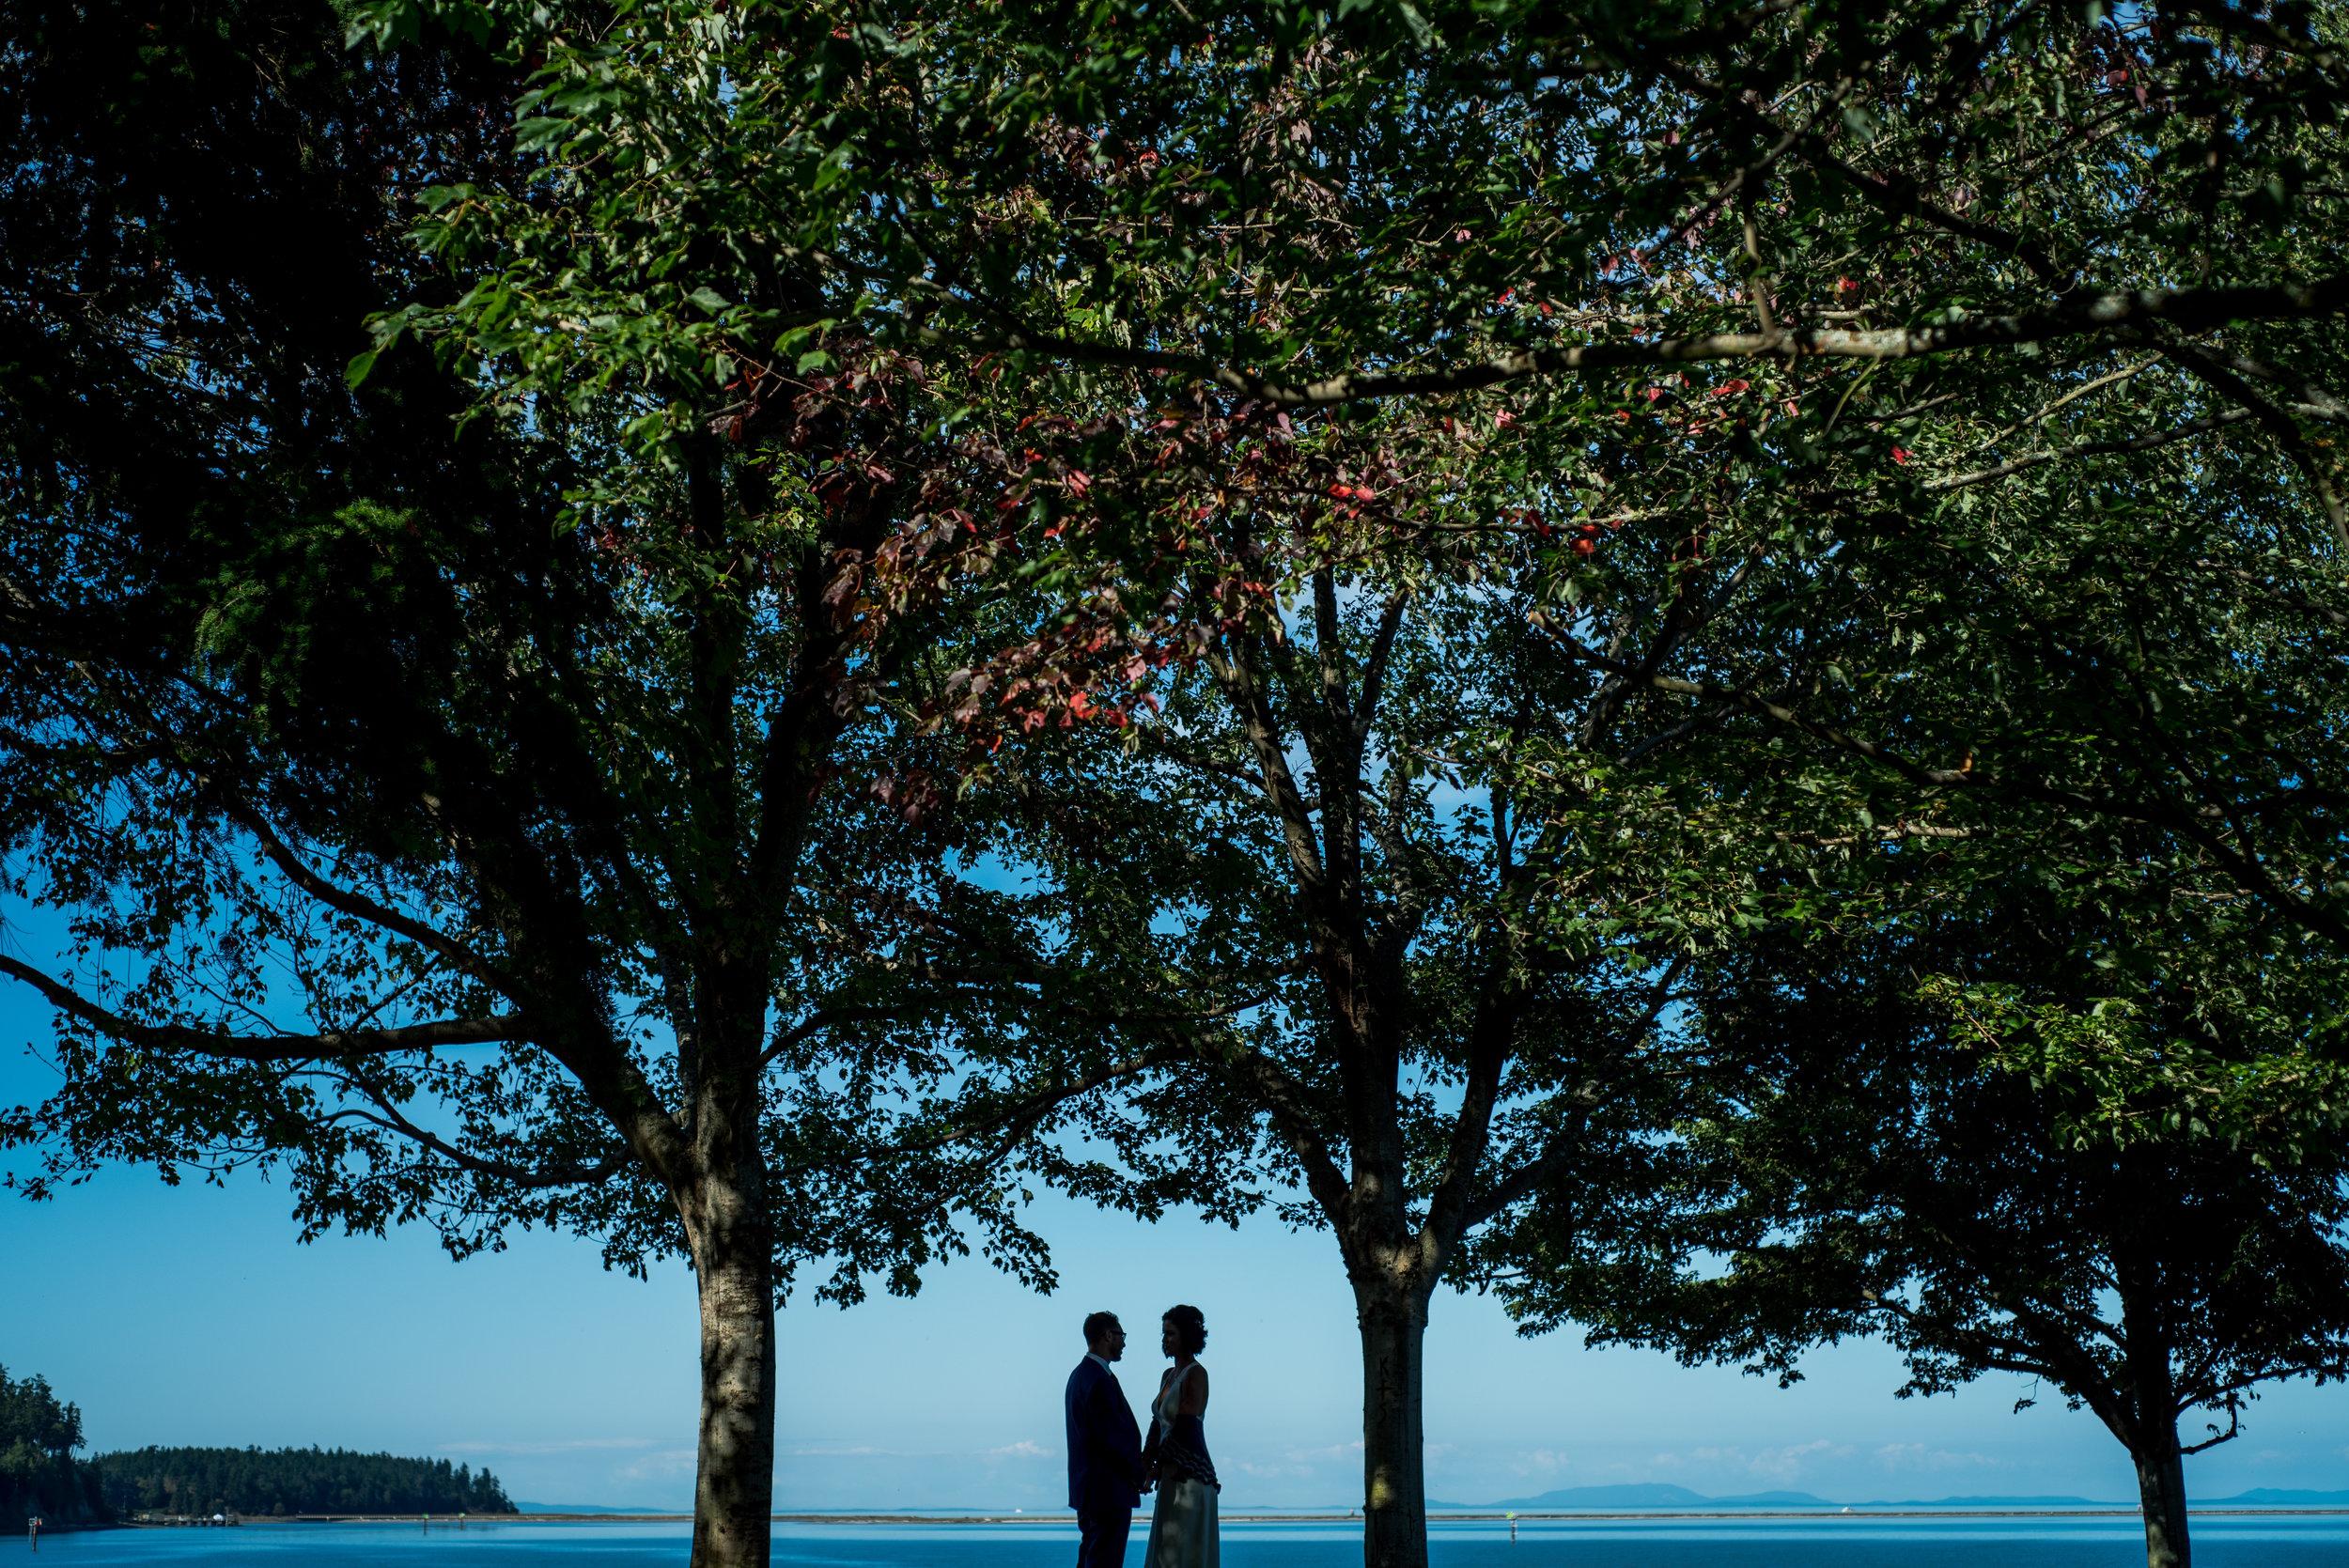 sequim-petrichor photo-elopement-desitination-pacific northwest-cross country-florist-washington-sublime stems-14.jpg